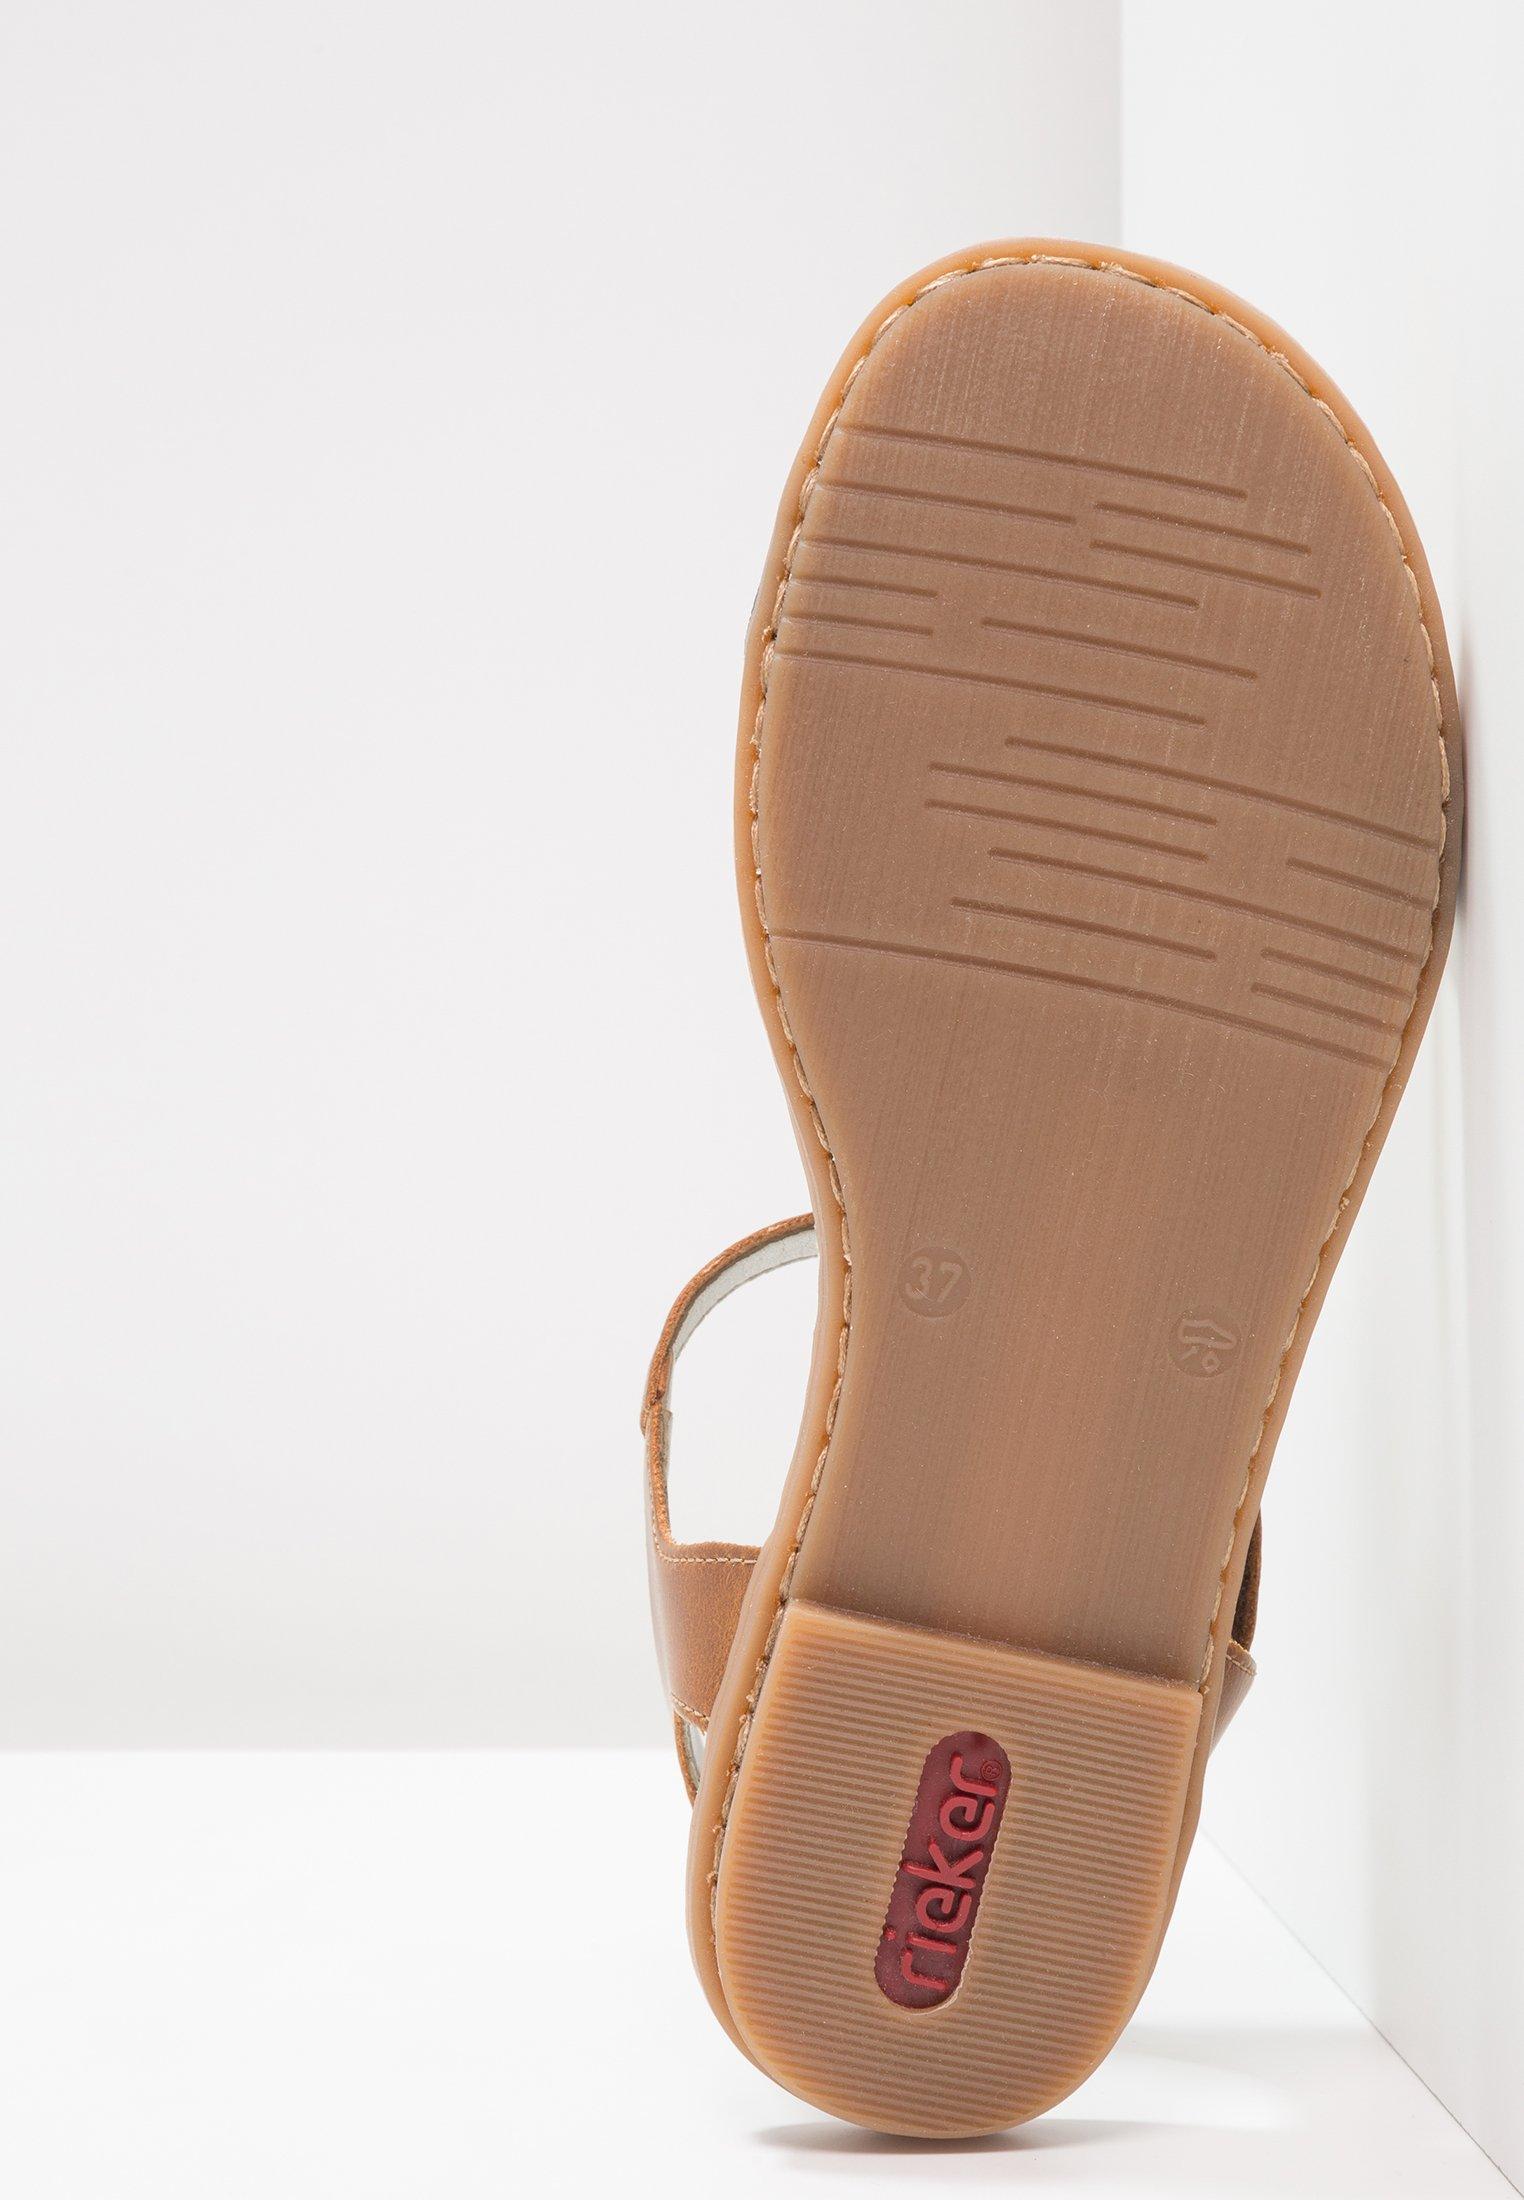 Rieker Sandals - pazifik/amaretto